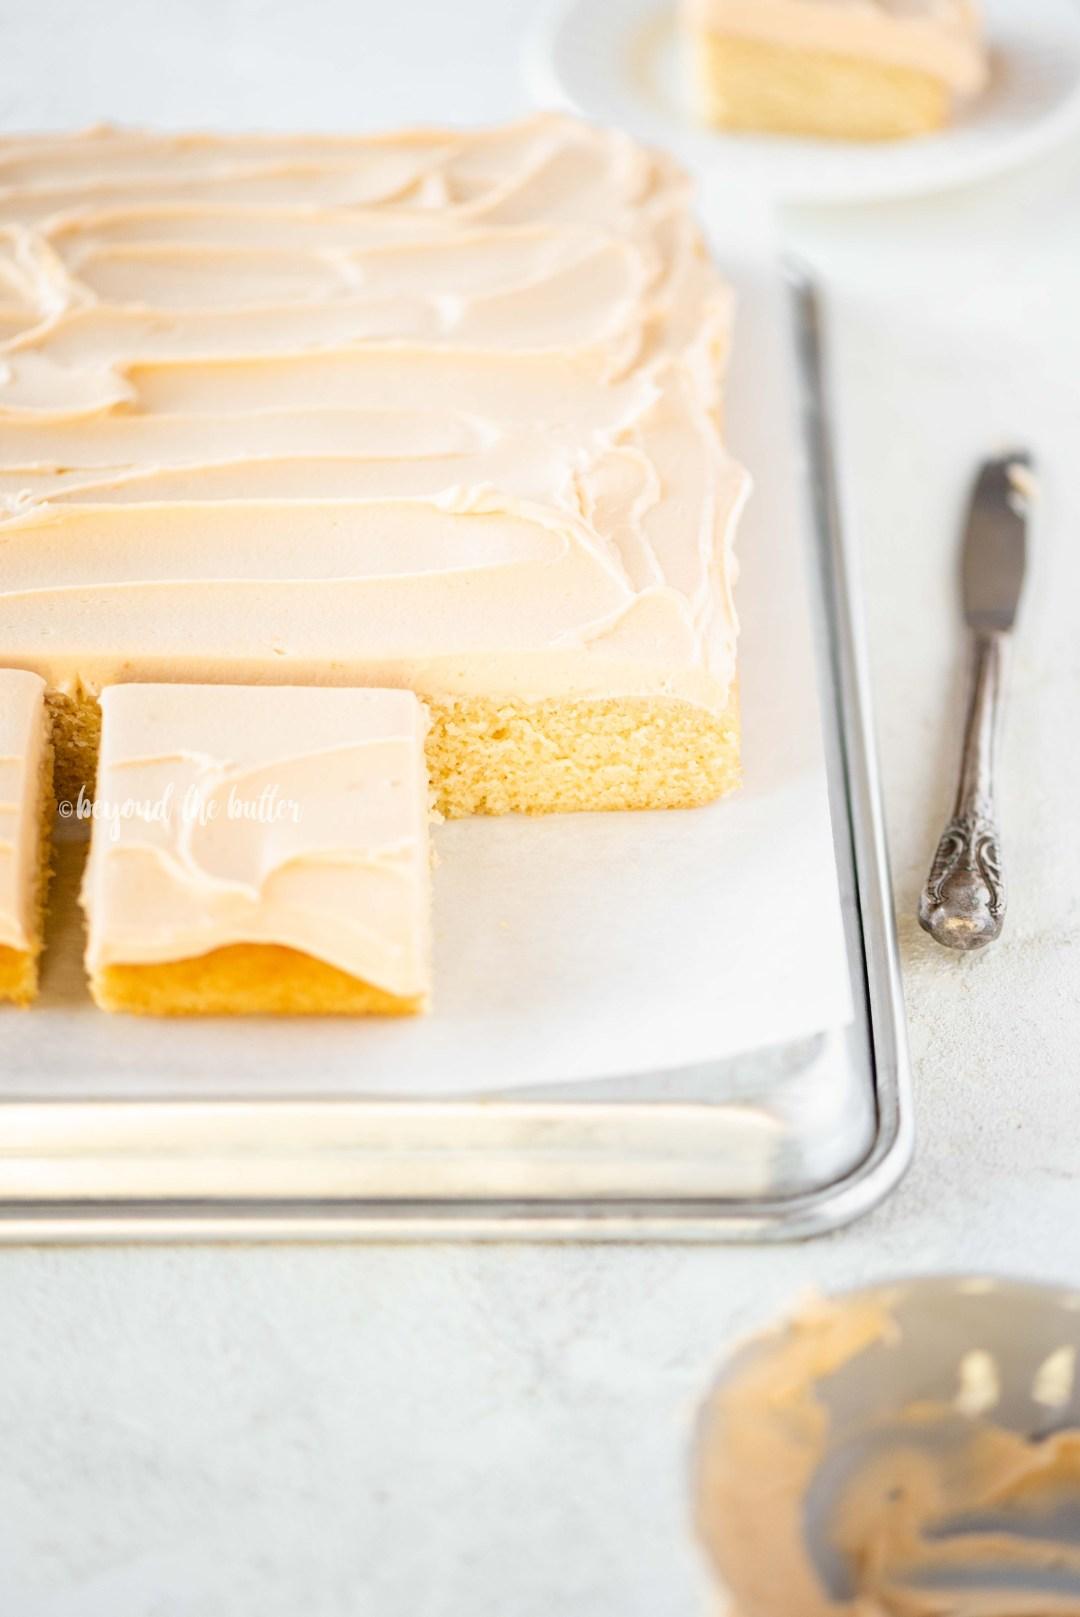 Homemade Butterscotch Krimpet Sheet Cake recipe | All Images © Beyond the Butter, LLC